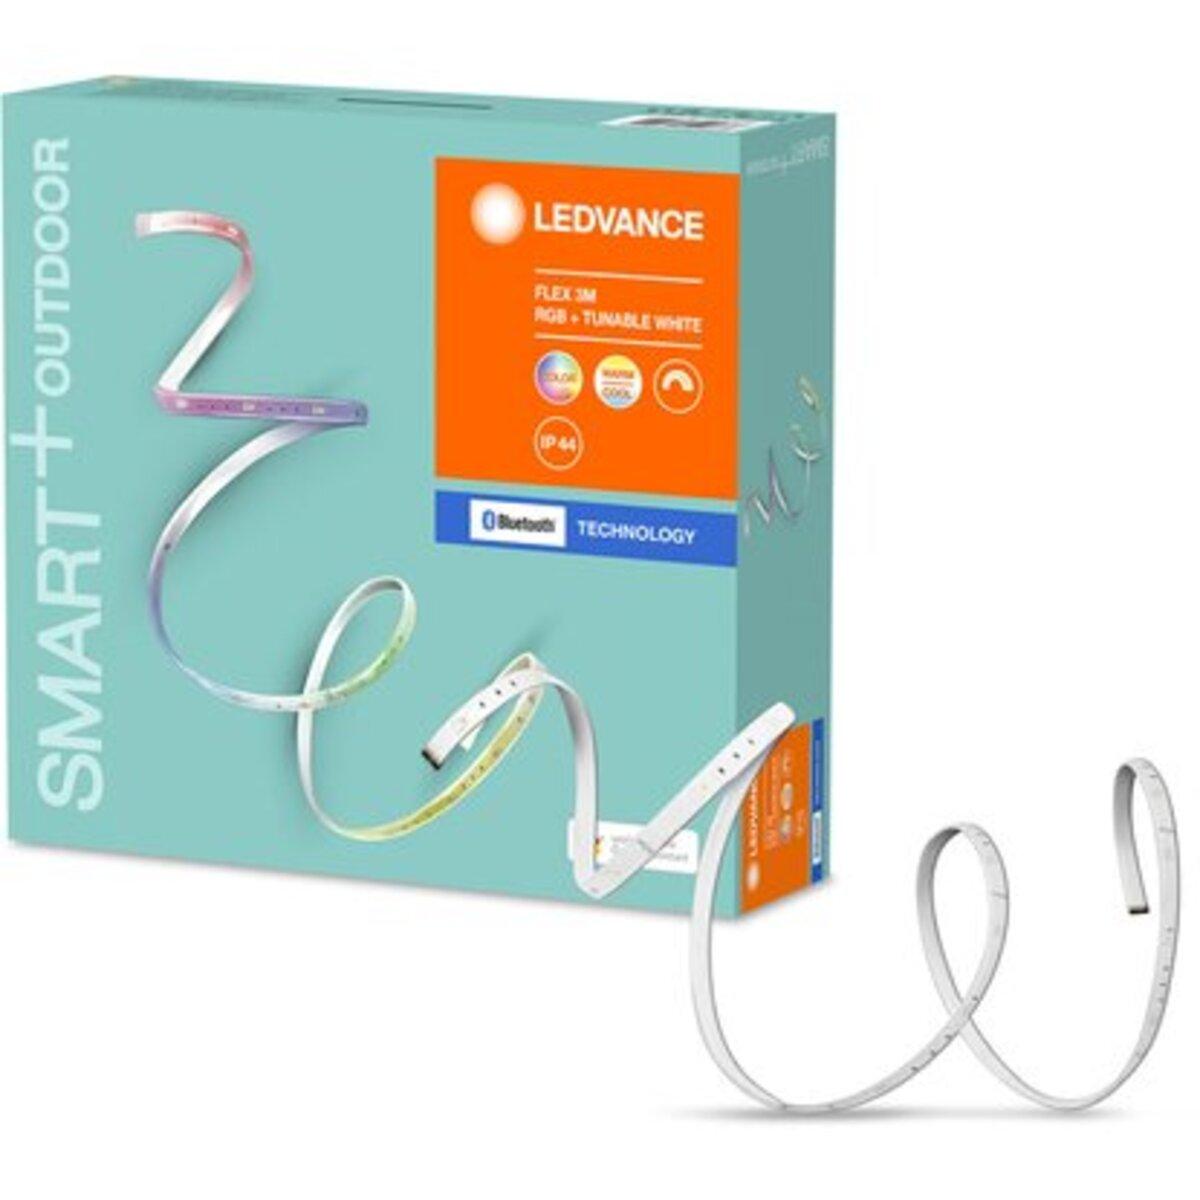 Bild 1 von Ledvance Smart+ Bluetooth Flexband Außenbereich 3 Meter 16 Mio. Farben Farbwechs